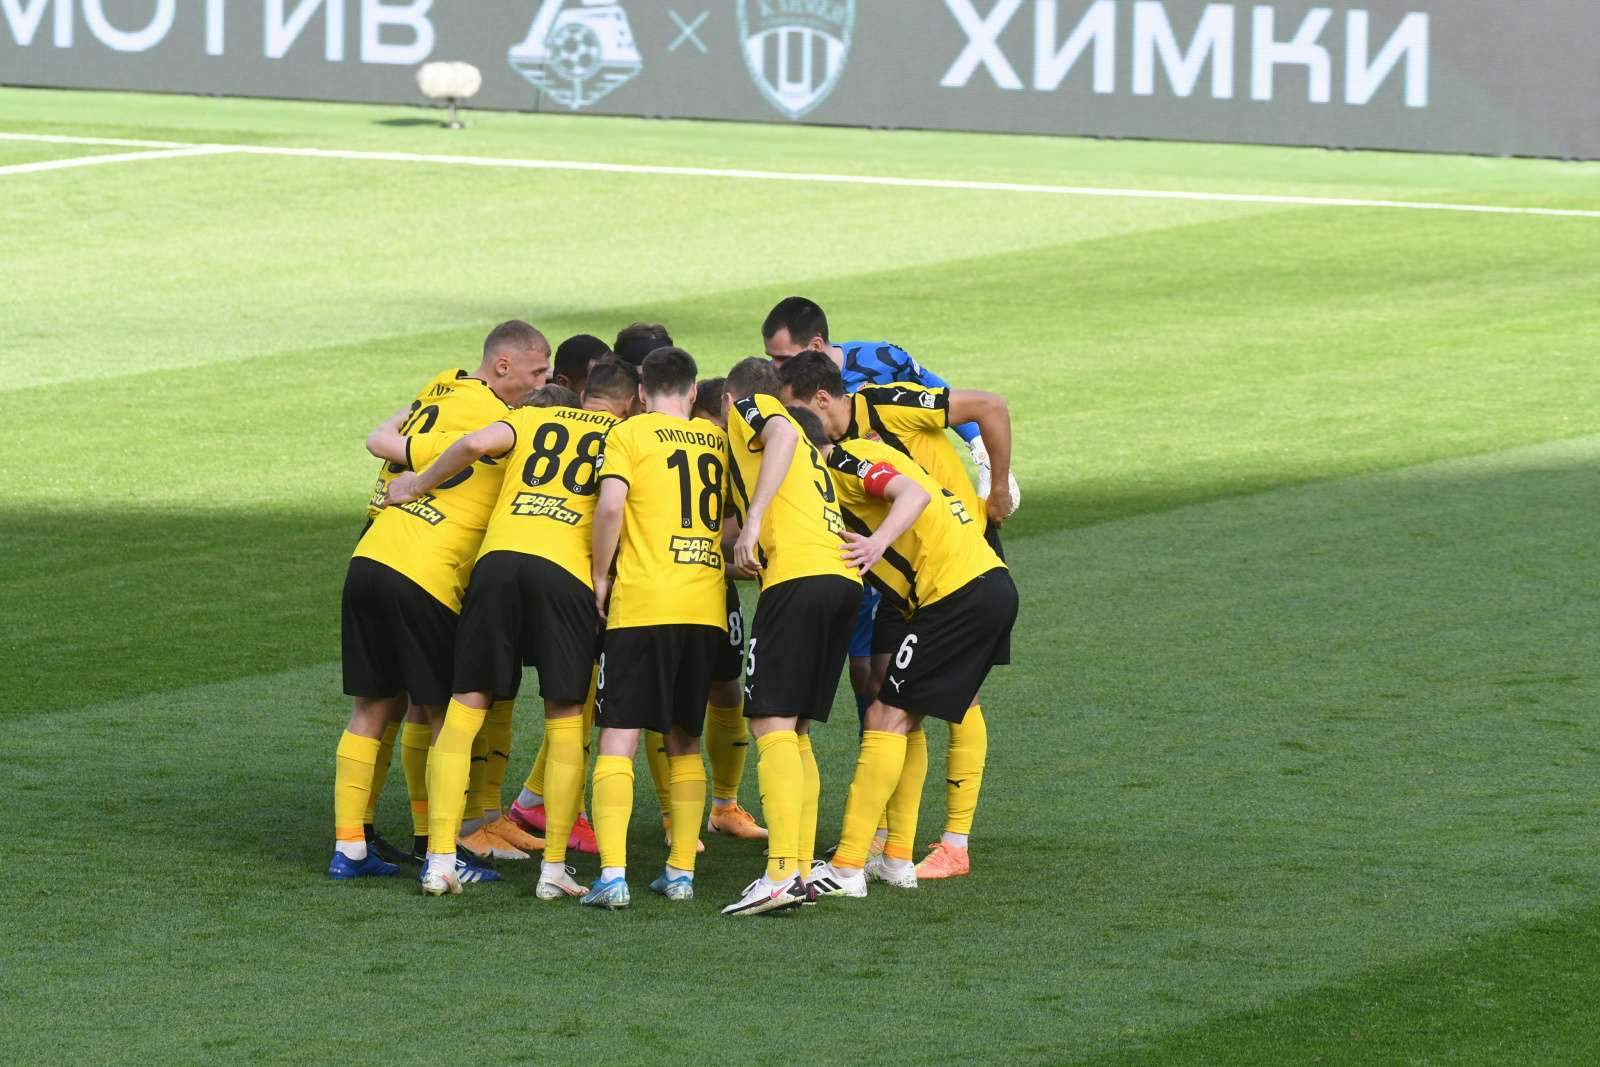 Терюшков: «Химки» уже выполнили задачу на сезон»